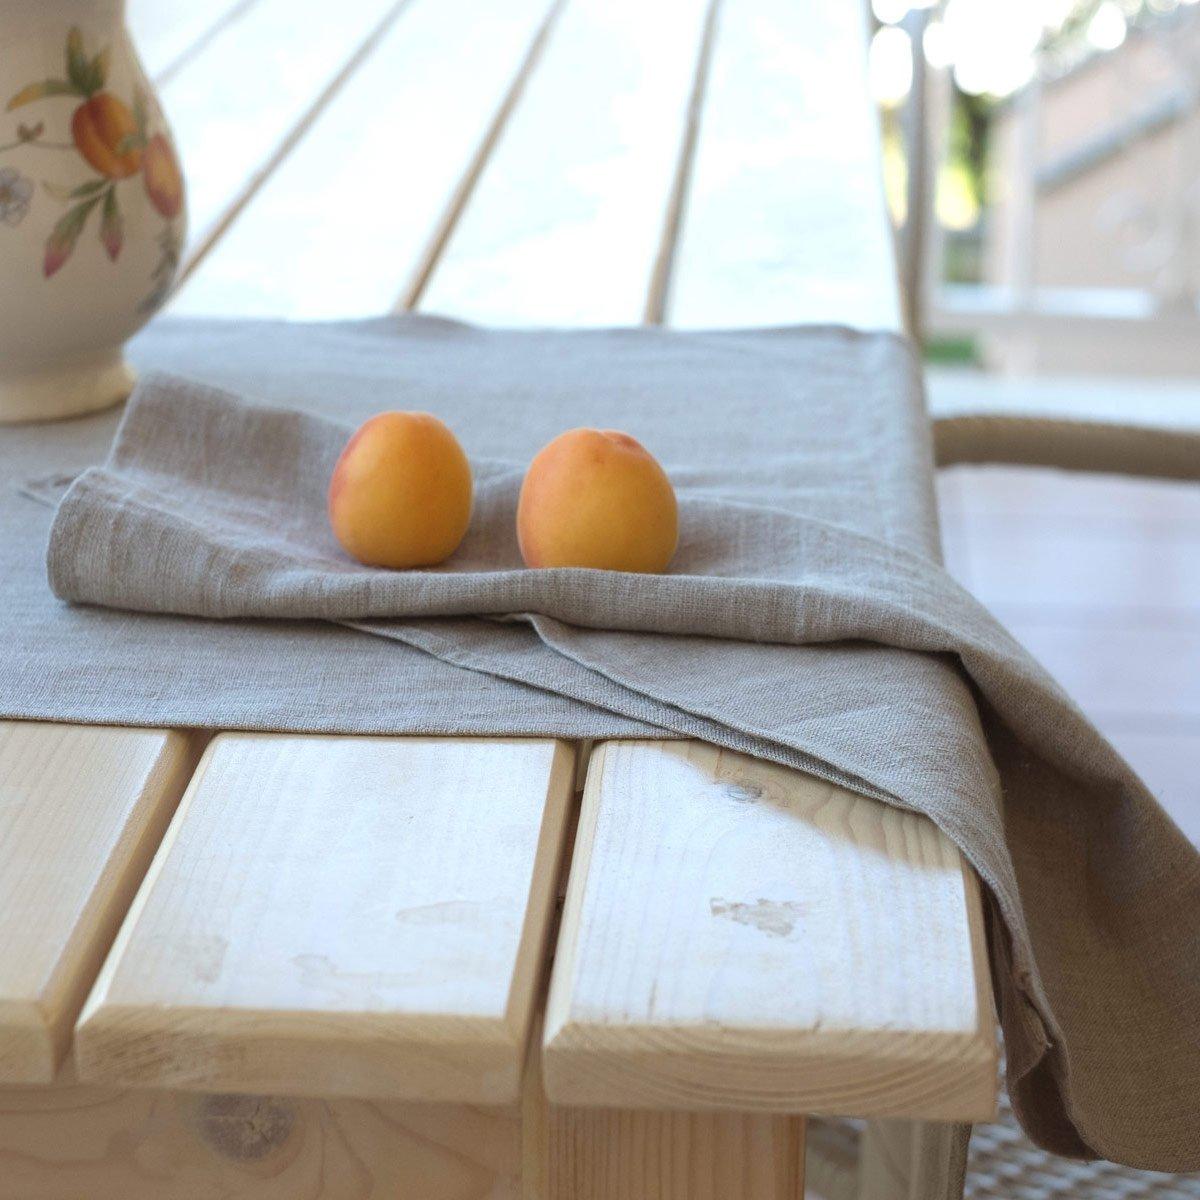 50 x 50 cm 4-er Pack Leinen Servietten Farbe Beige//Varvara Home 1586 Stoffservietten